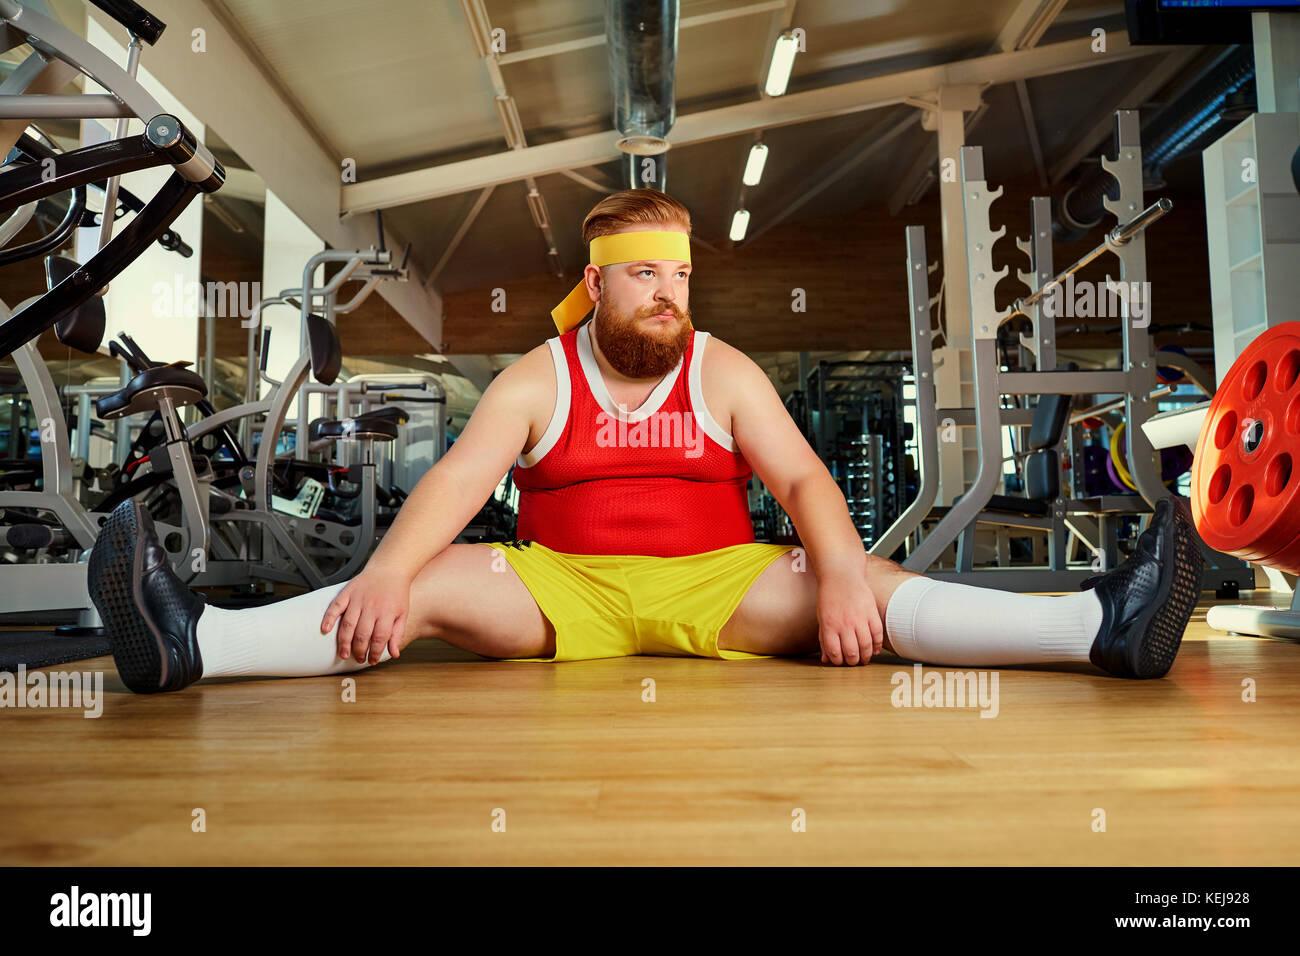 Drôle fat man fatigué assis sur le plancher dans la salle de sport Photo Stock